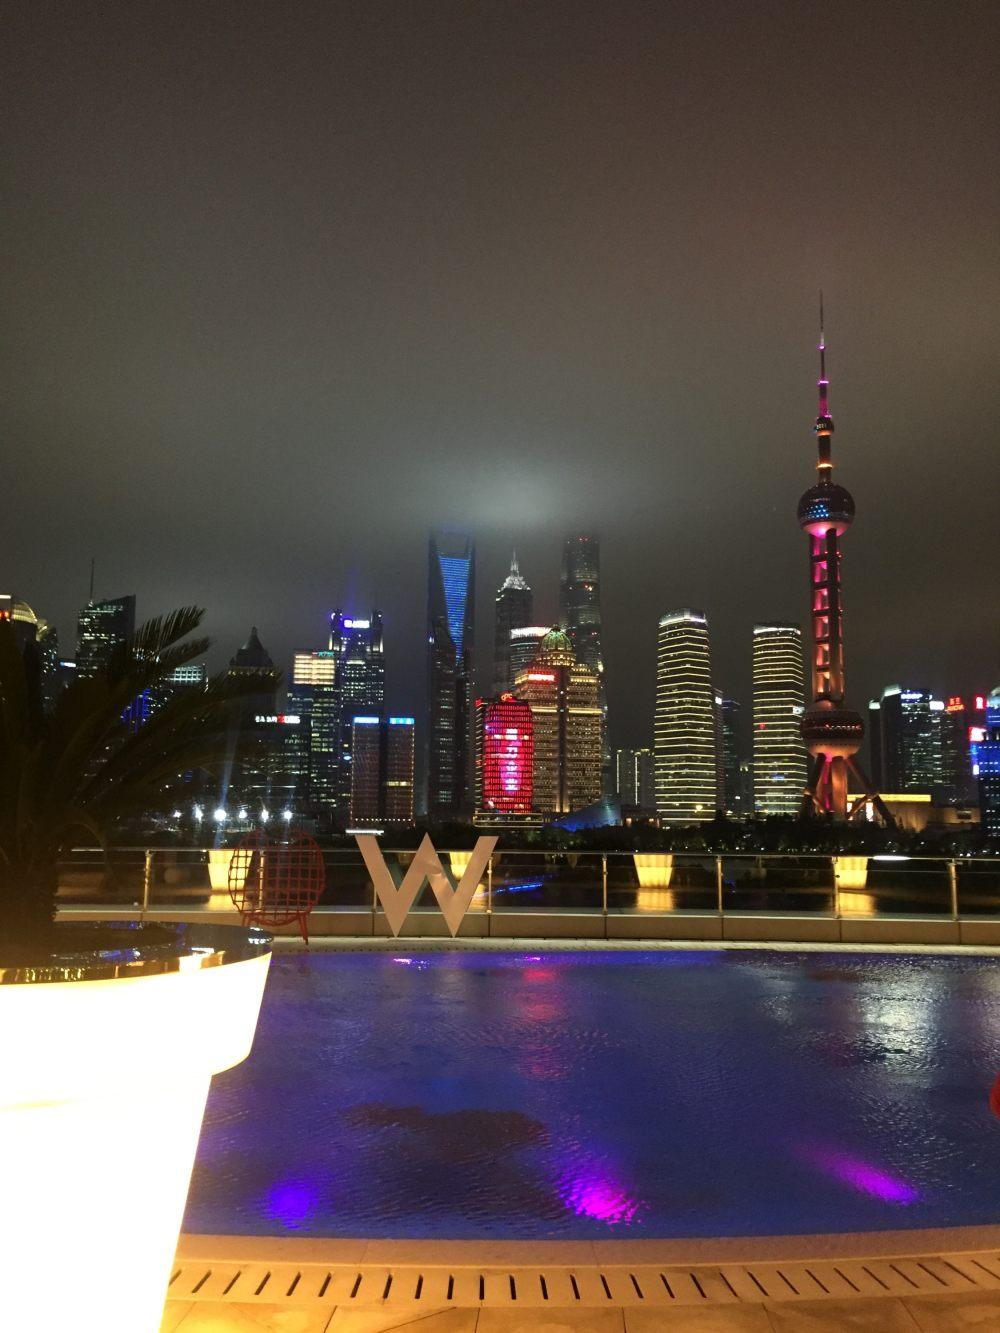 上海外滩W酒店,史上最全入住体验 自拍分享,申请置...._IMG_5866.JPG